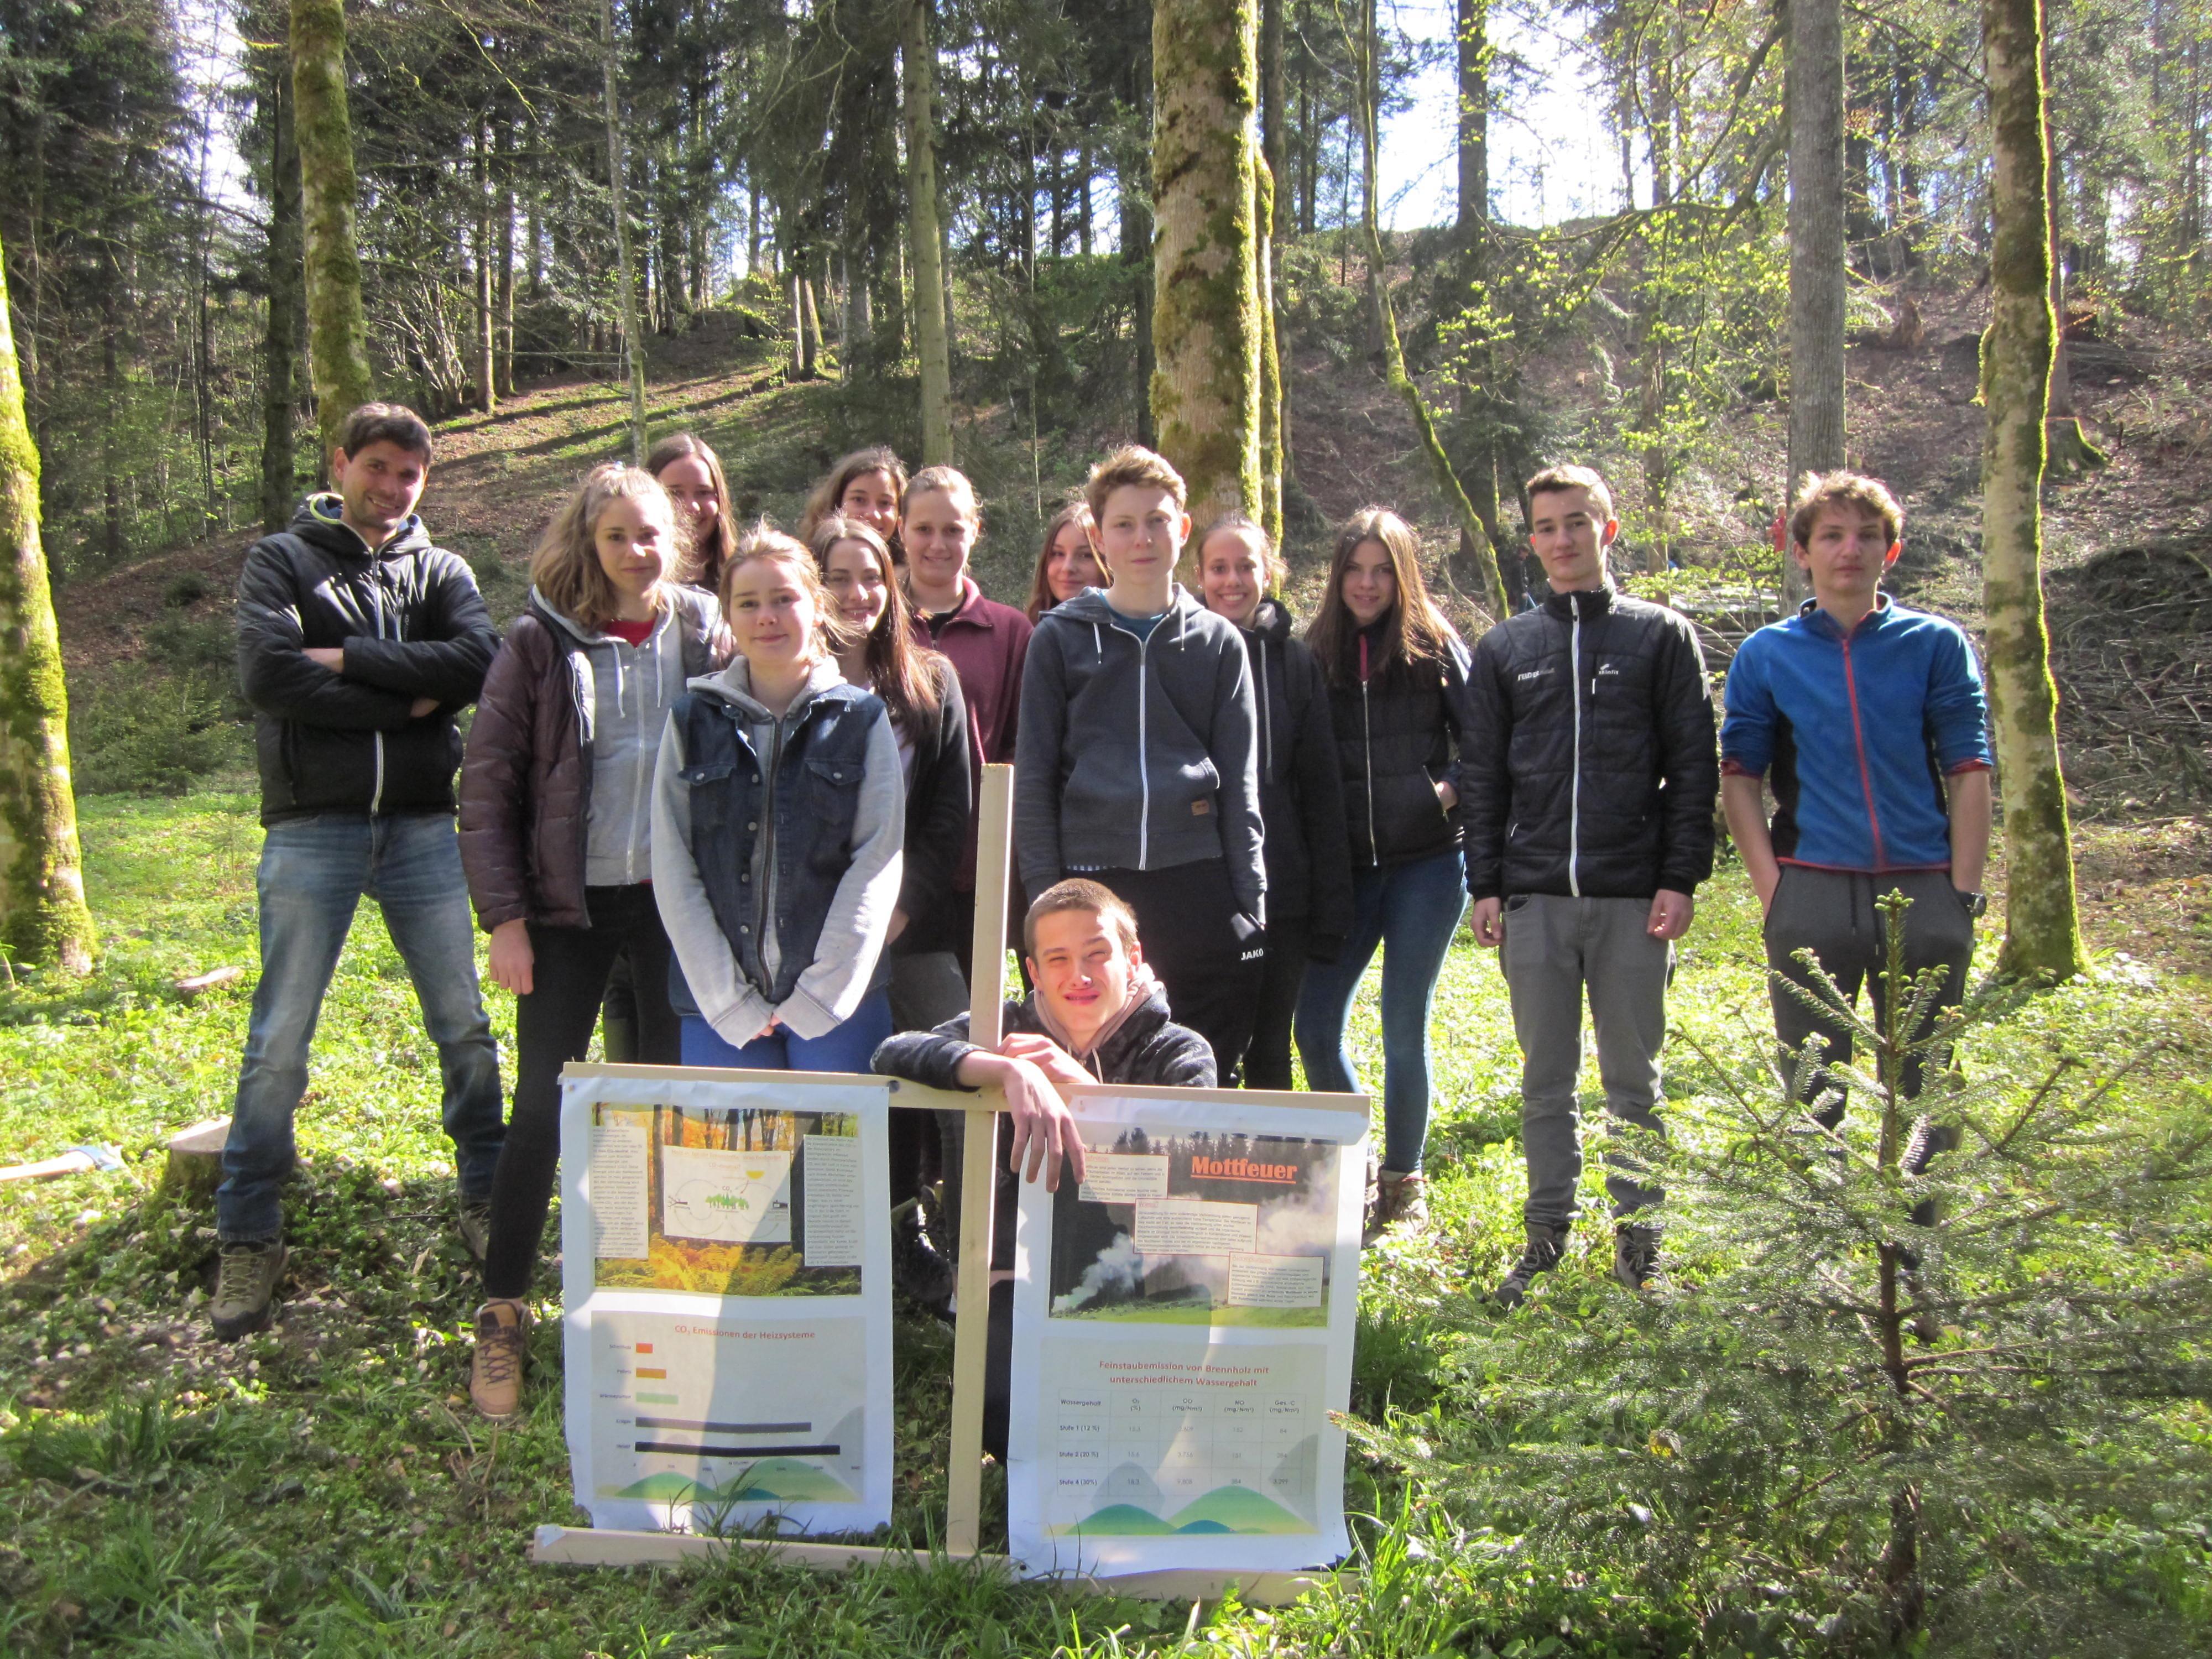 Die negativen Auswirkungen von Mottfeuern aufzuzeigen, war ein Schwerpunkt der Aktionen zum Thema Wald.